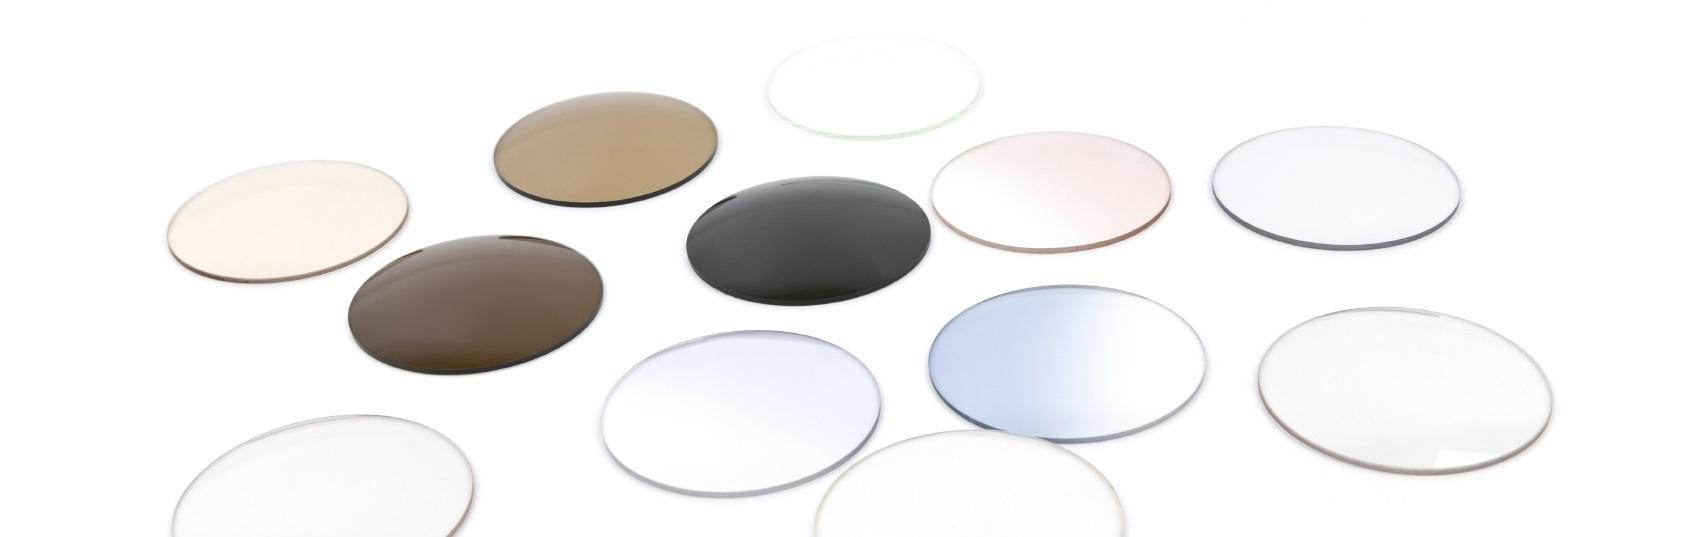 Tipos de cristales para gafas - Cristales climalit tipos ...